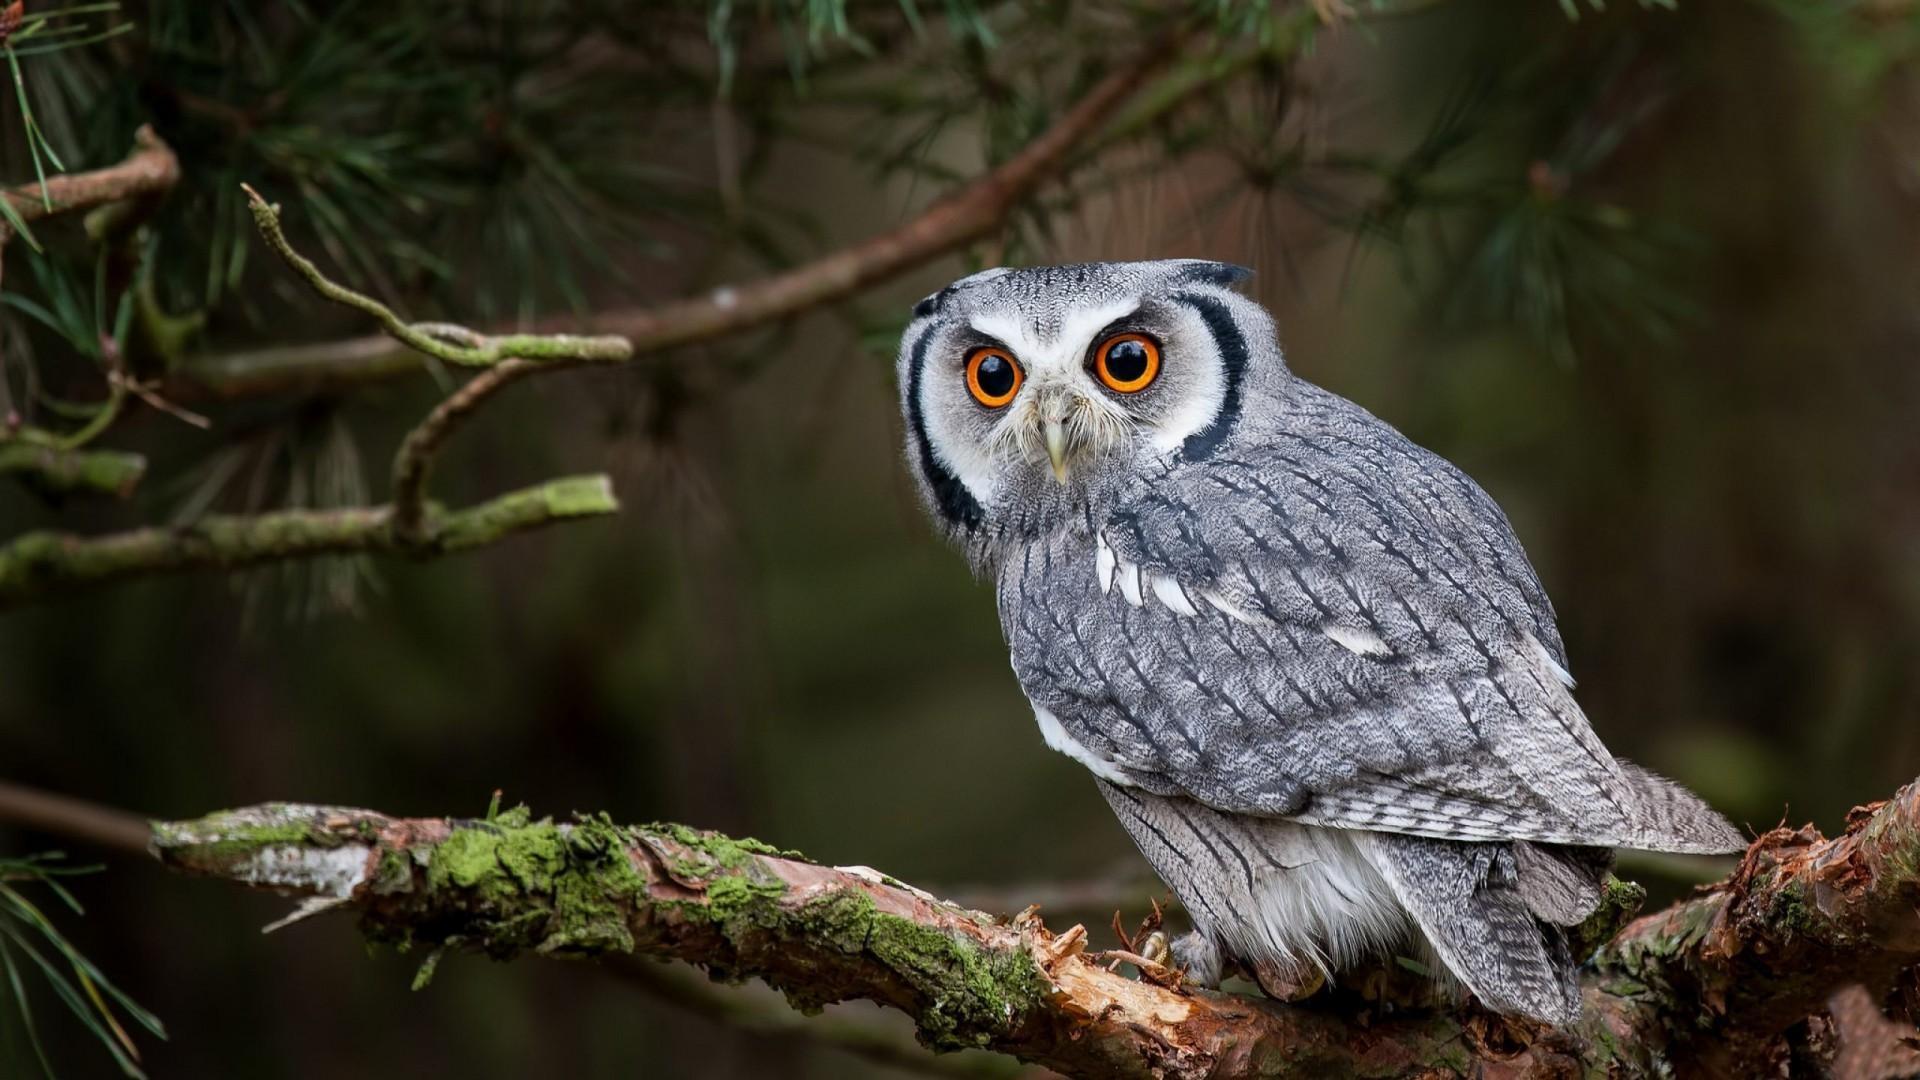 White-Owl-Backgrounds-For-desktop